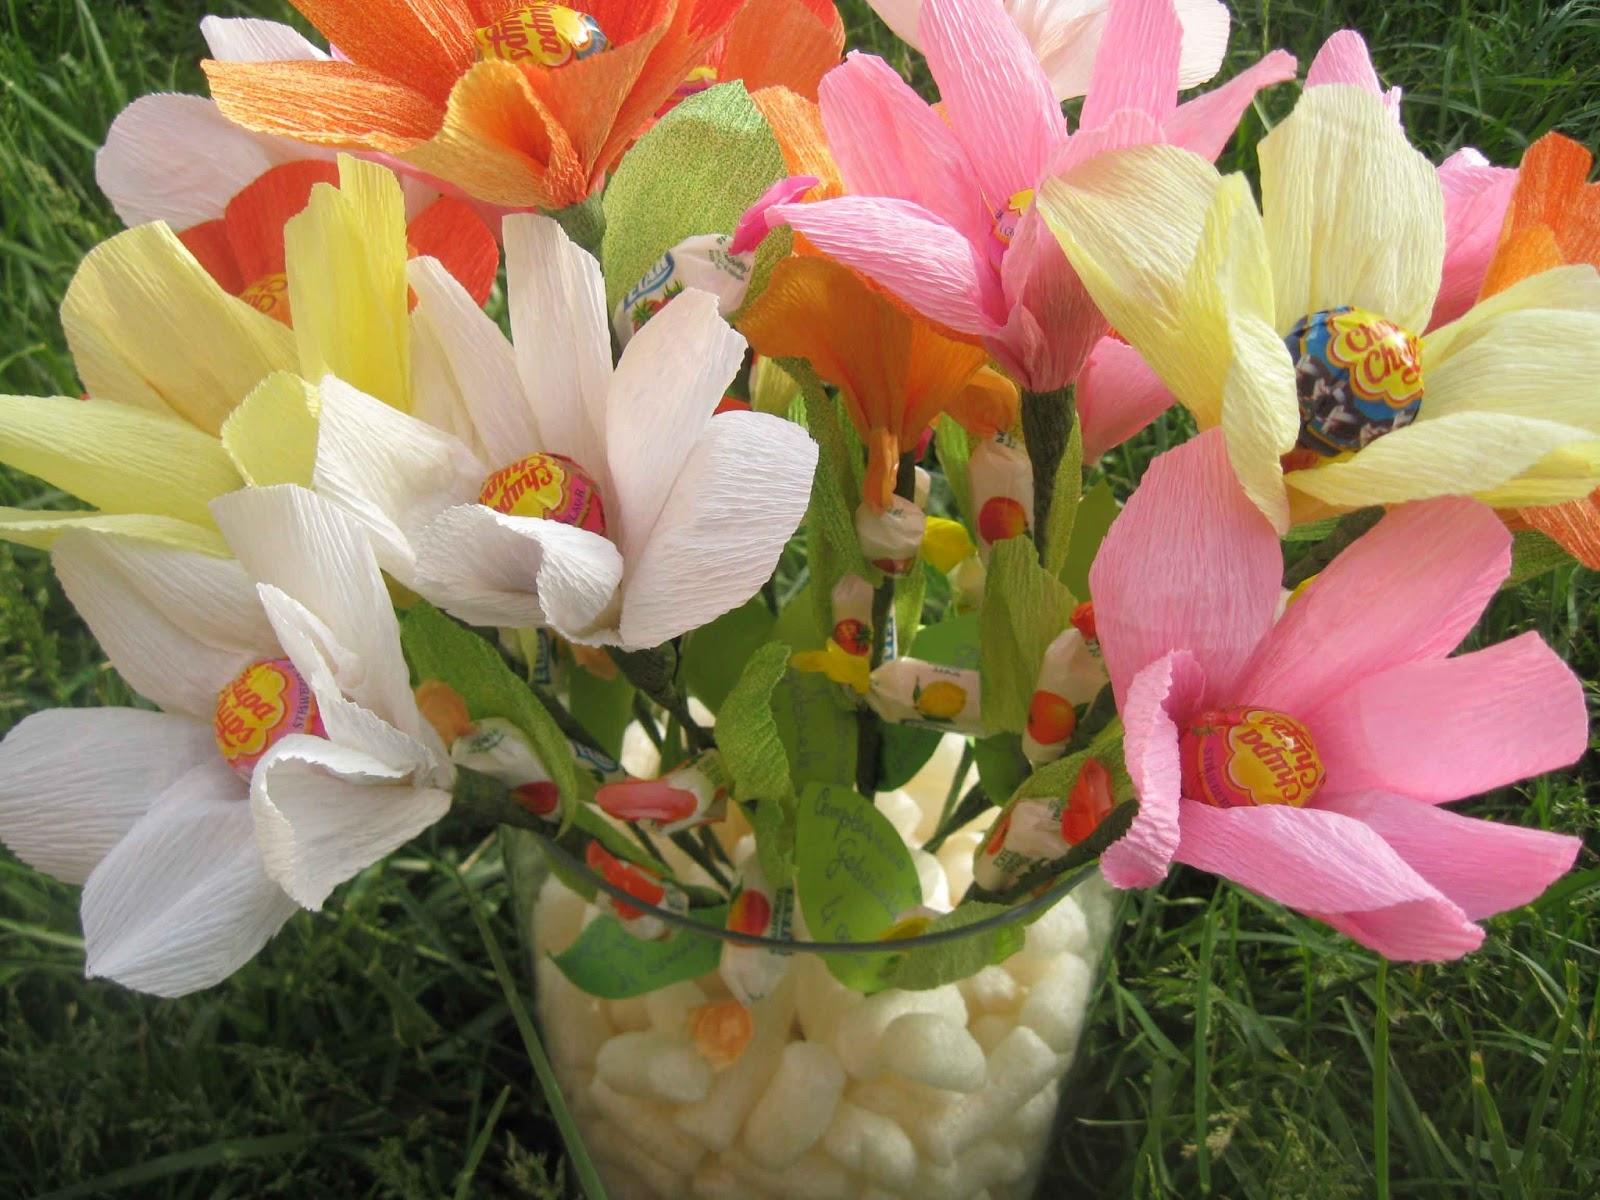 Estremamente 1 post creativo al giorno: #147/365 Favors di compleanno a fiore RN58